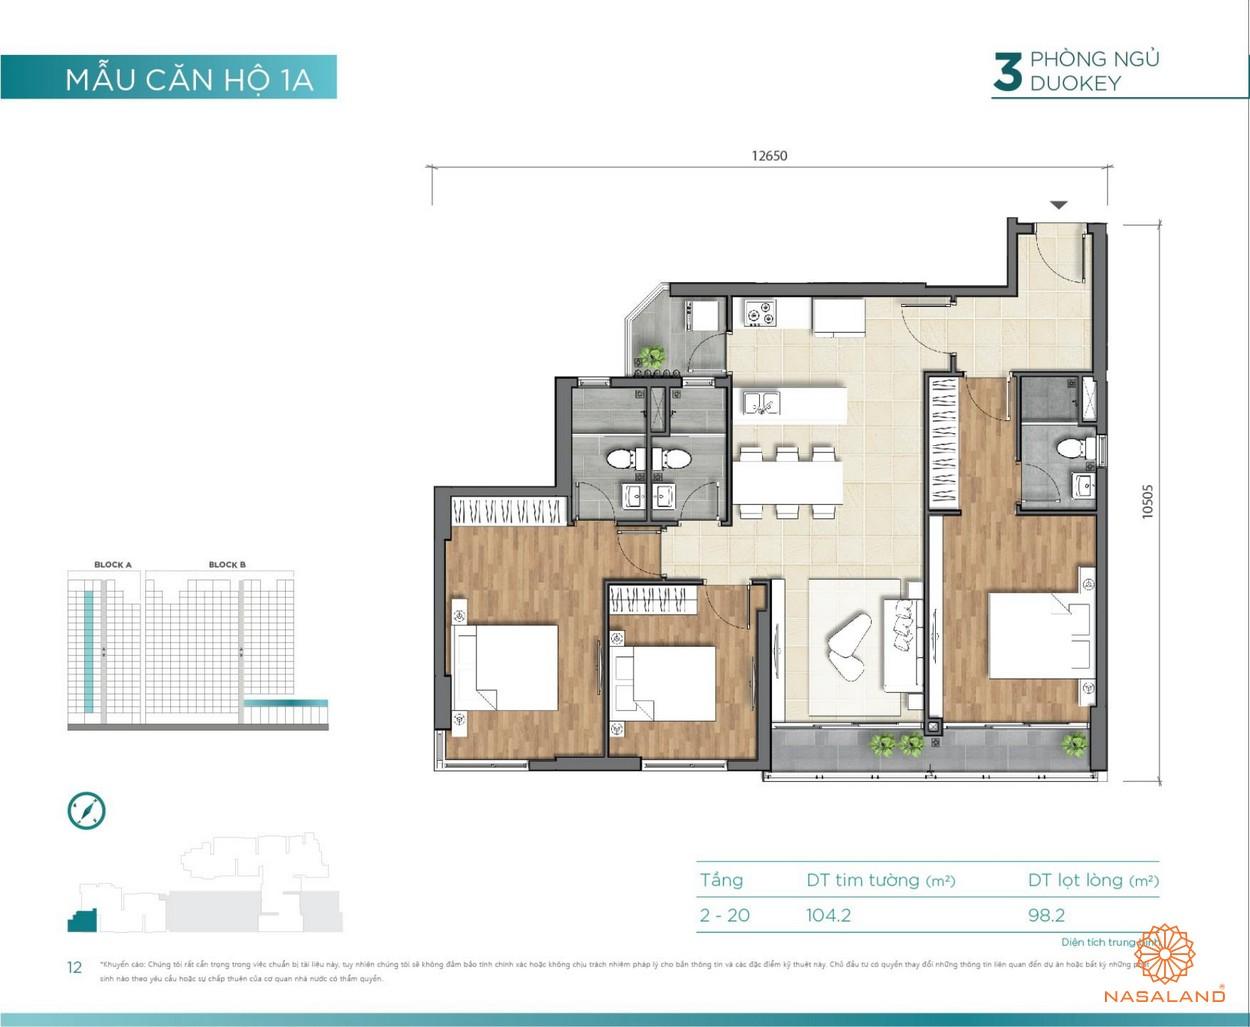 Thiết kế căn hộ 3PN Duokey D'lusso Emerald Quận 2 đường Nguyễn Thị Định chủ đầu tư Điền Phúc Thành